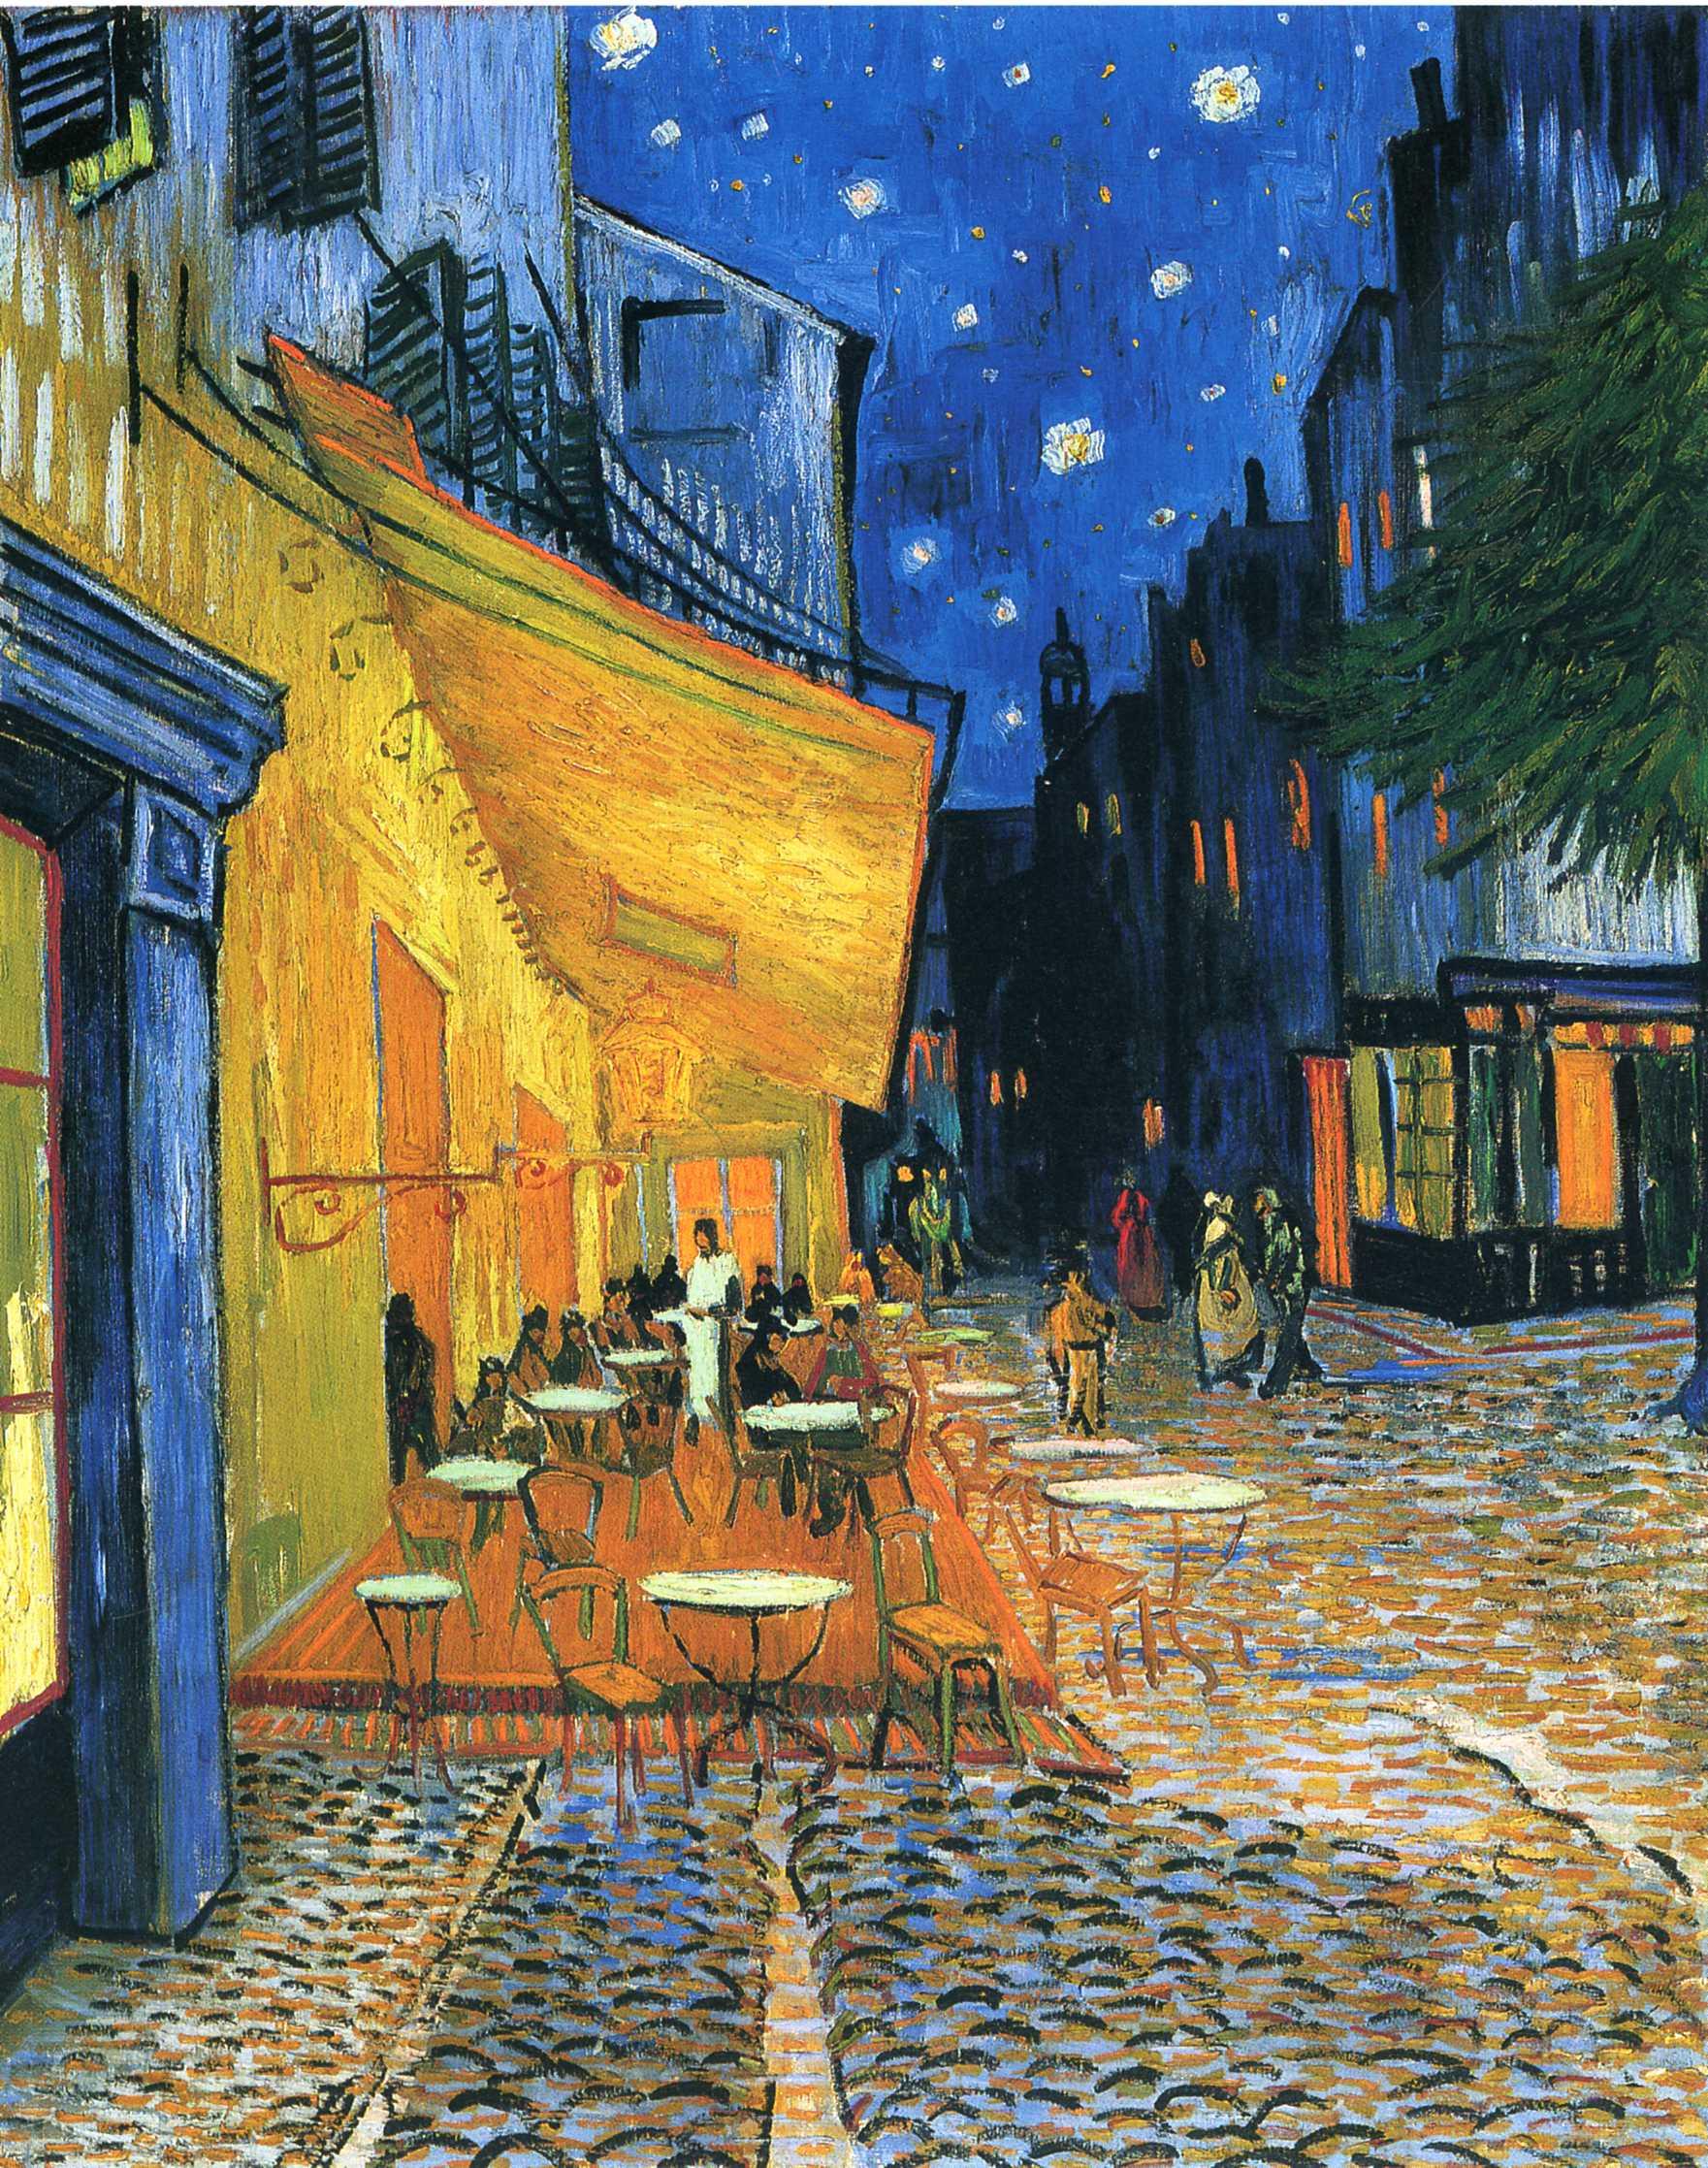 Café Terrace at Night, Place du Forum, Arles, by Vincent Van Gogh, 1888